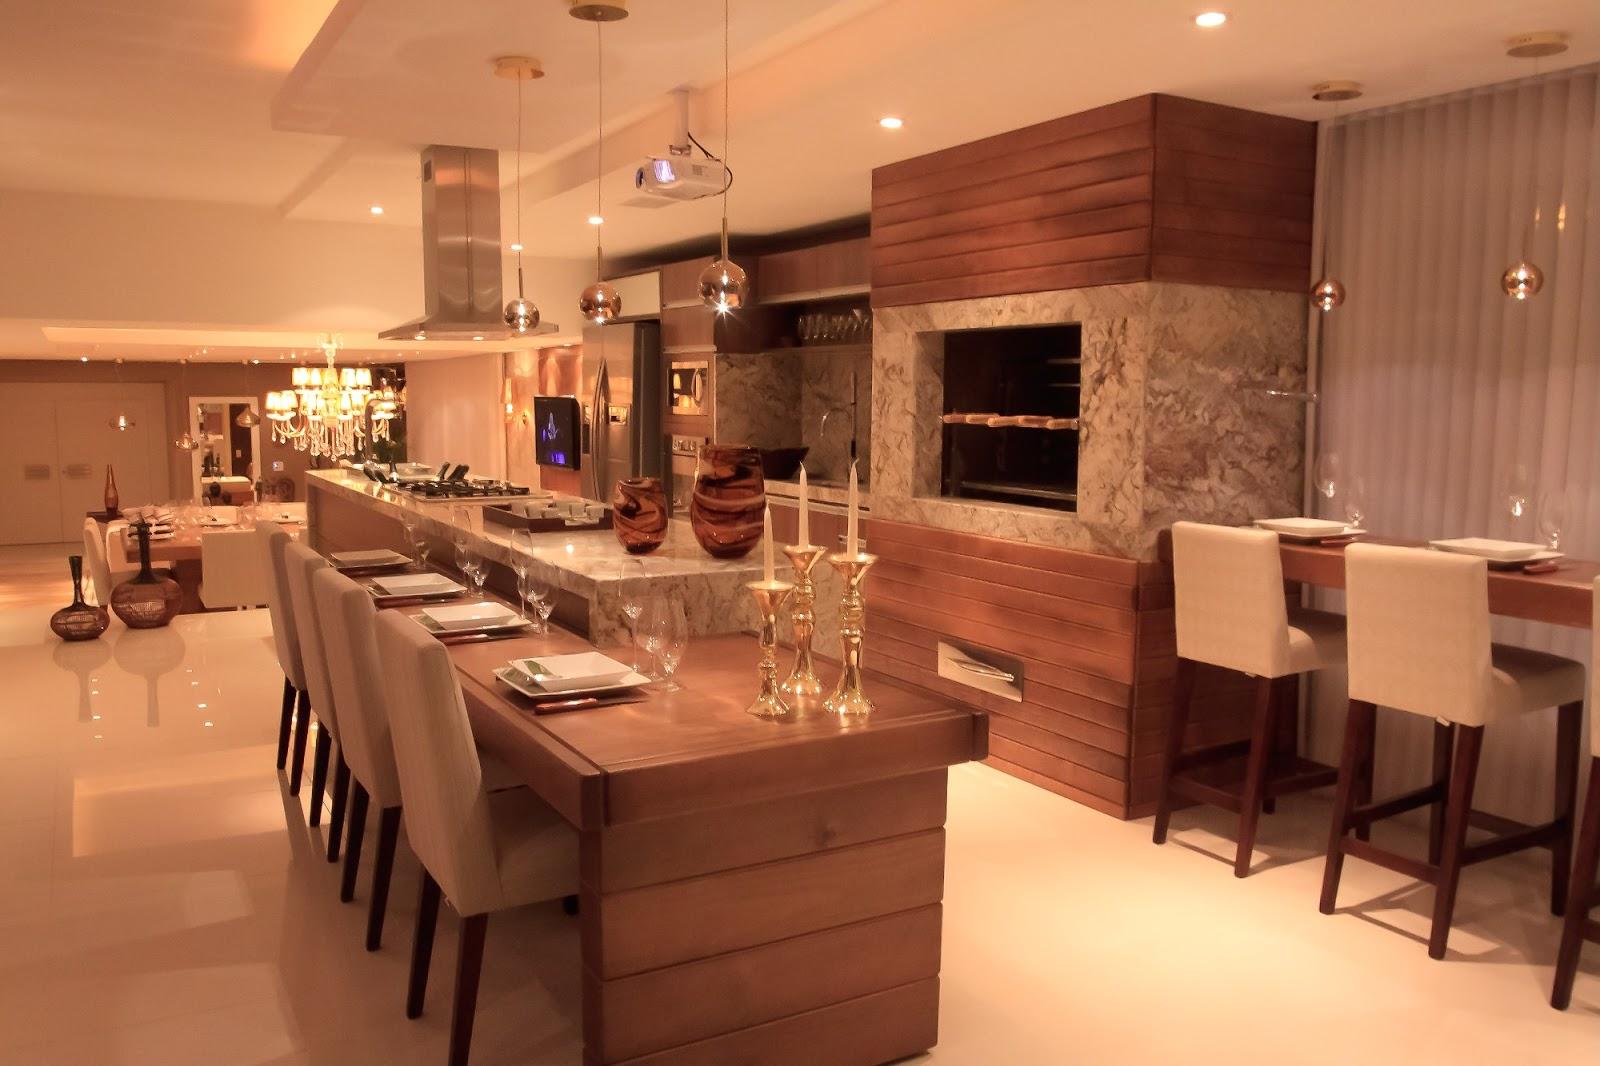 20 Cozinhas Com Churrasqueiras Modernas Veja Modelos E Dicas Para